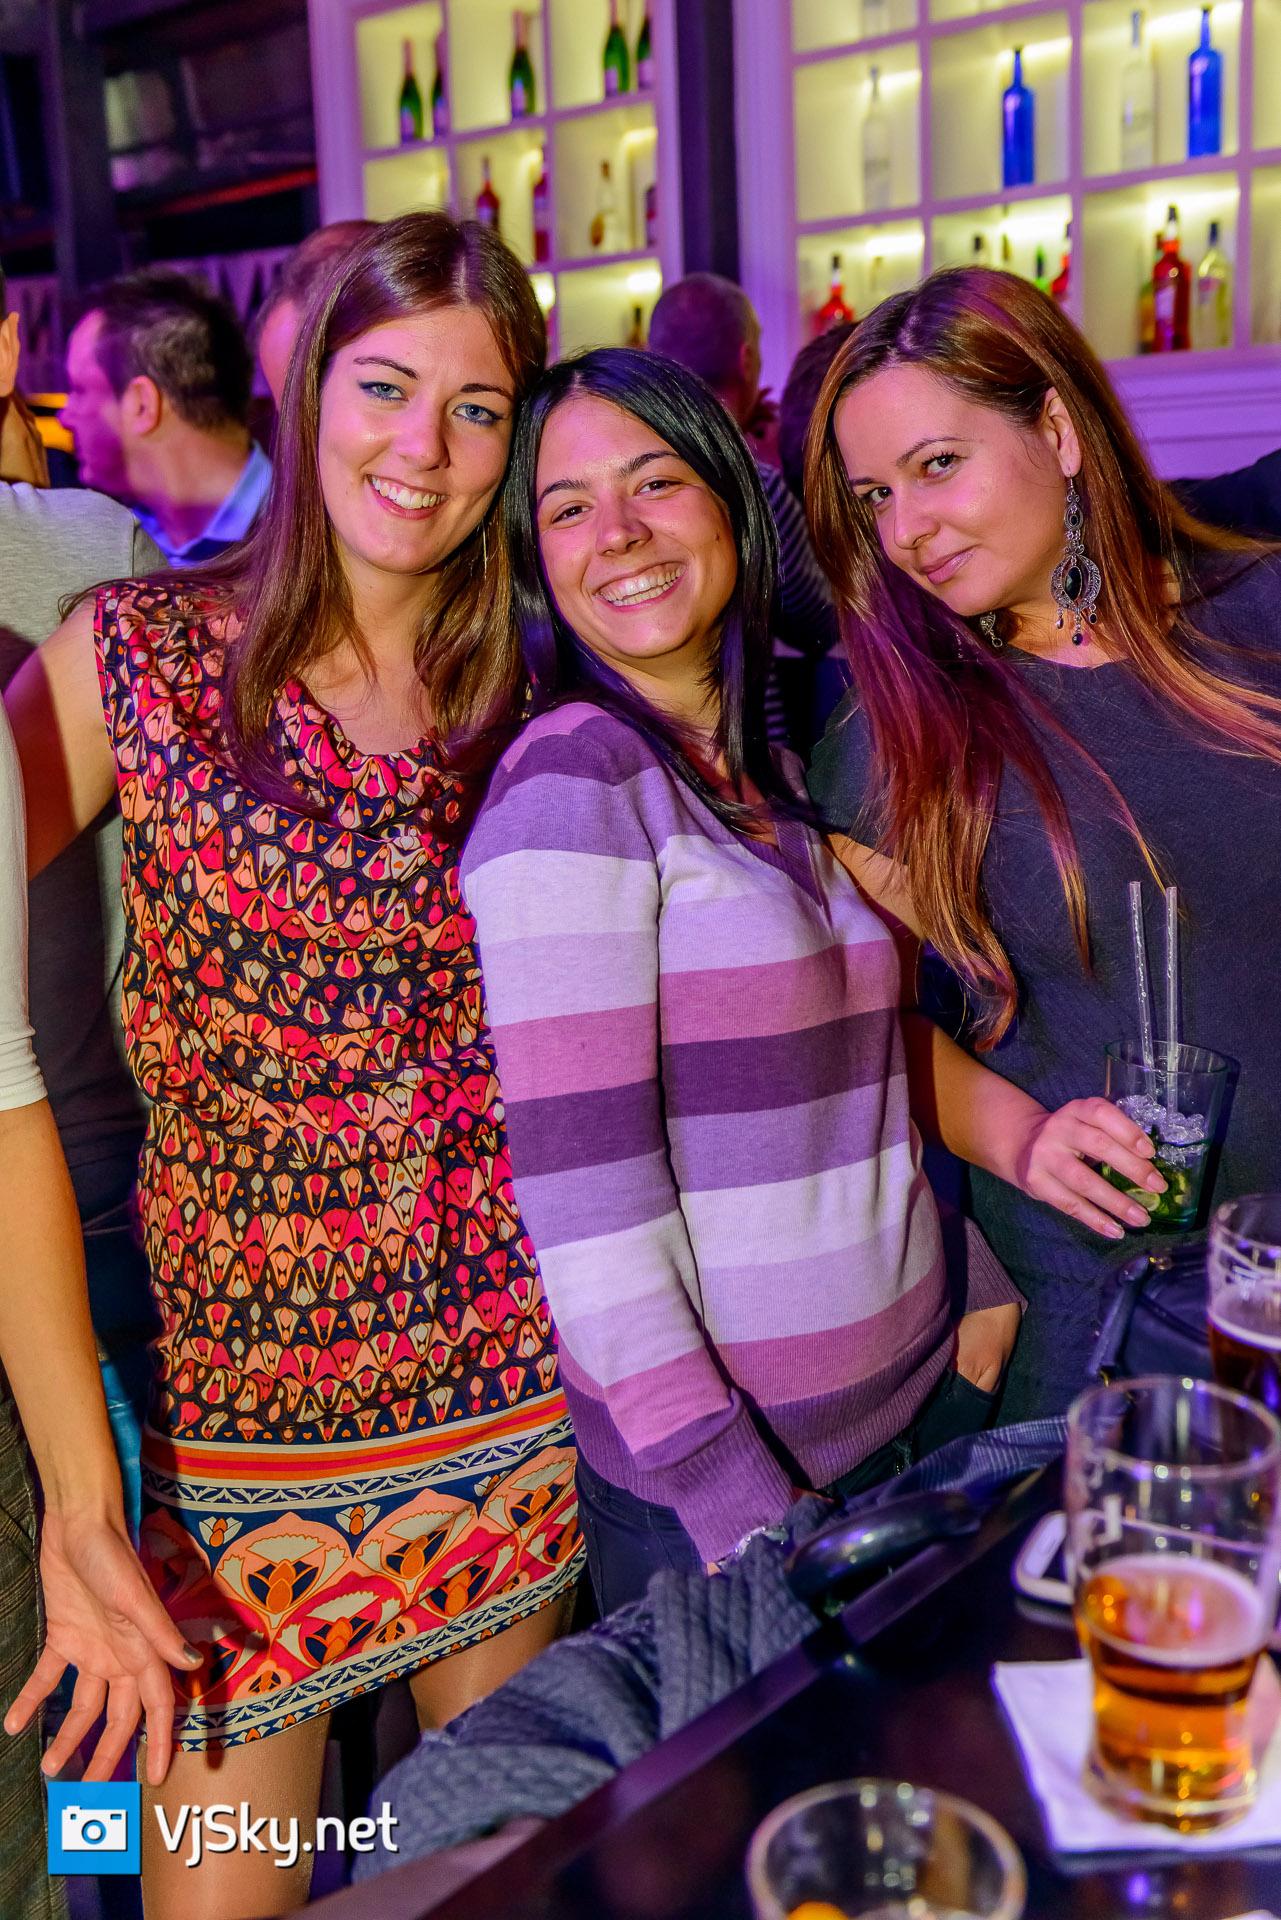 vjsky net informbiro winter lounge otvaranje sezone 22 10 2014 044 Foto izveštaj: Otvaranje nove sezone u Informbirou